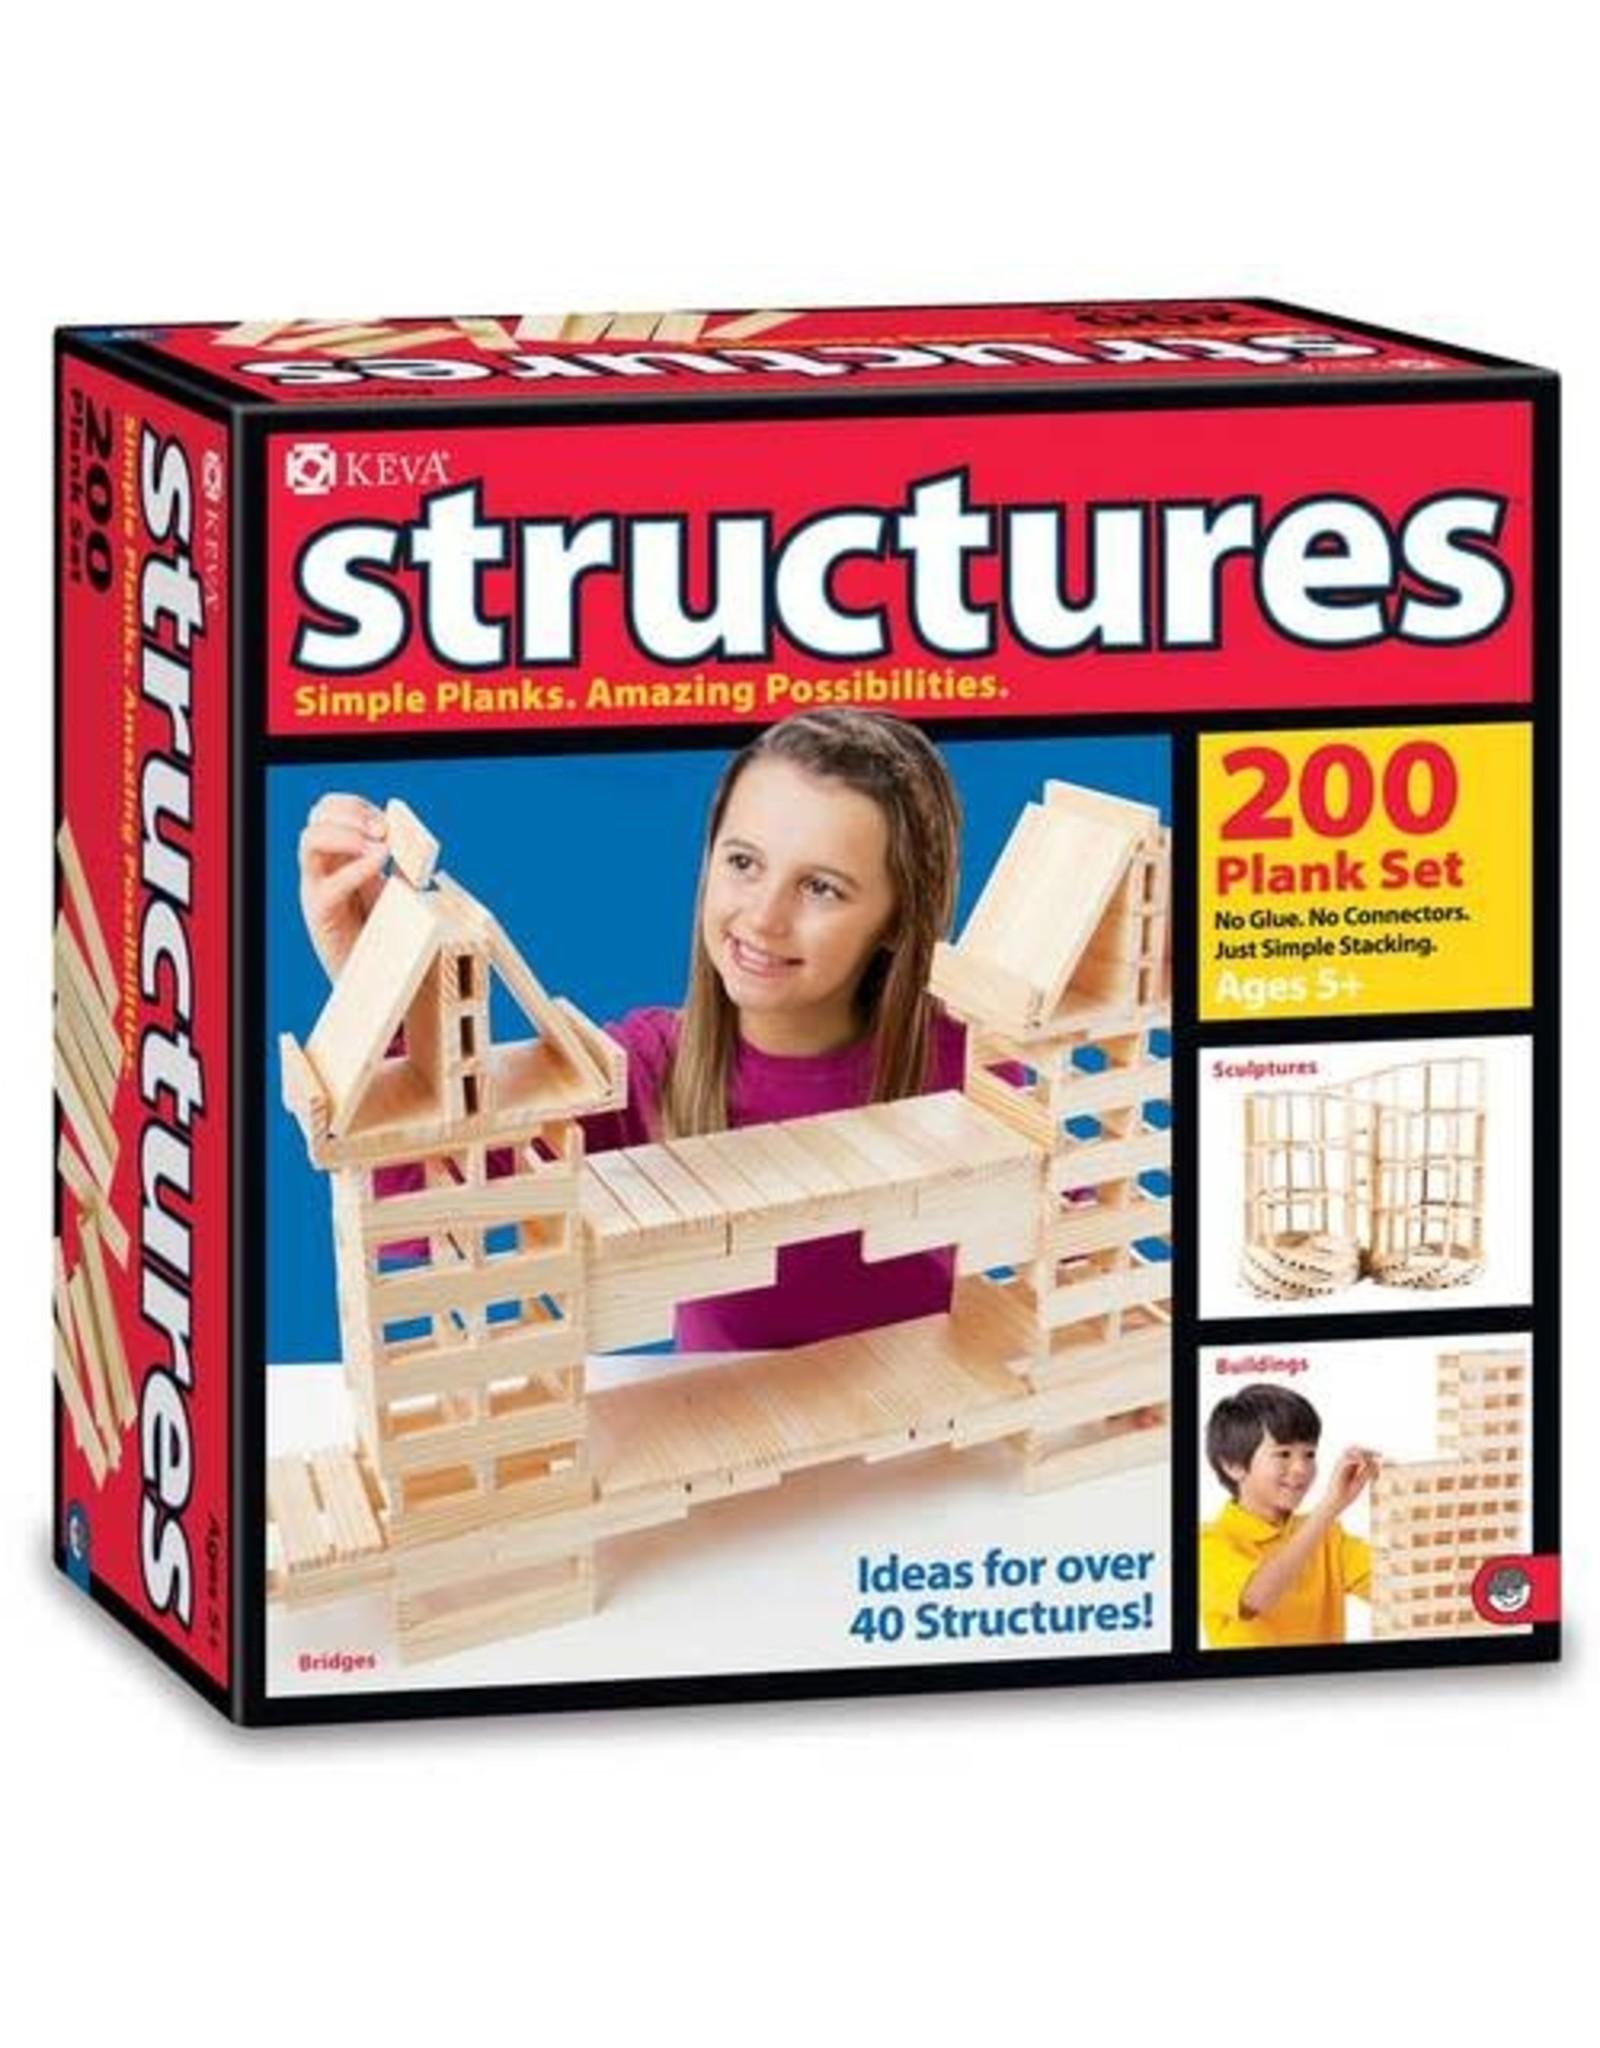 MindWare Keva Structures 200 Planks